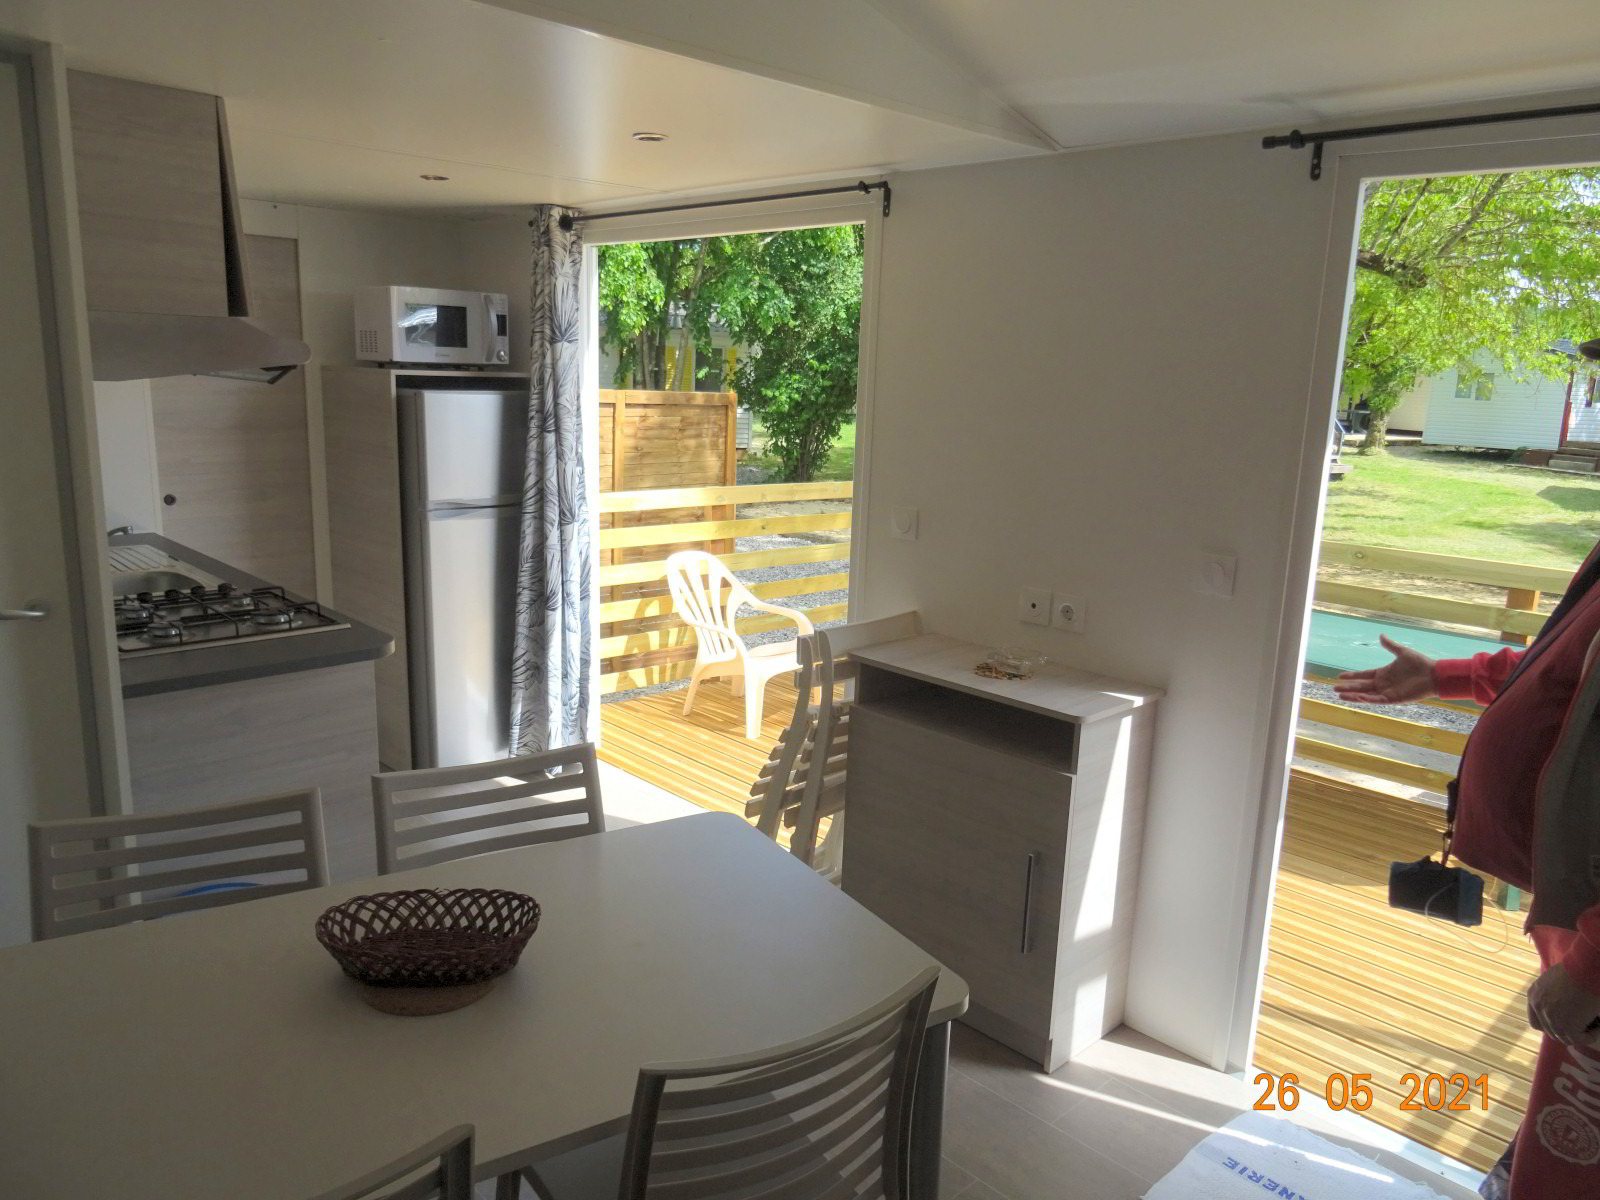 Woonkamer en openslaande deuren naar terras, nieuwe stacaravan met 2 slaapkamers